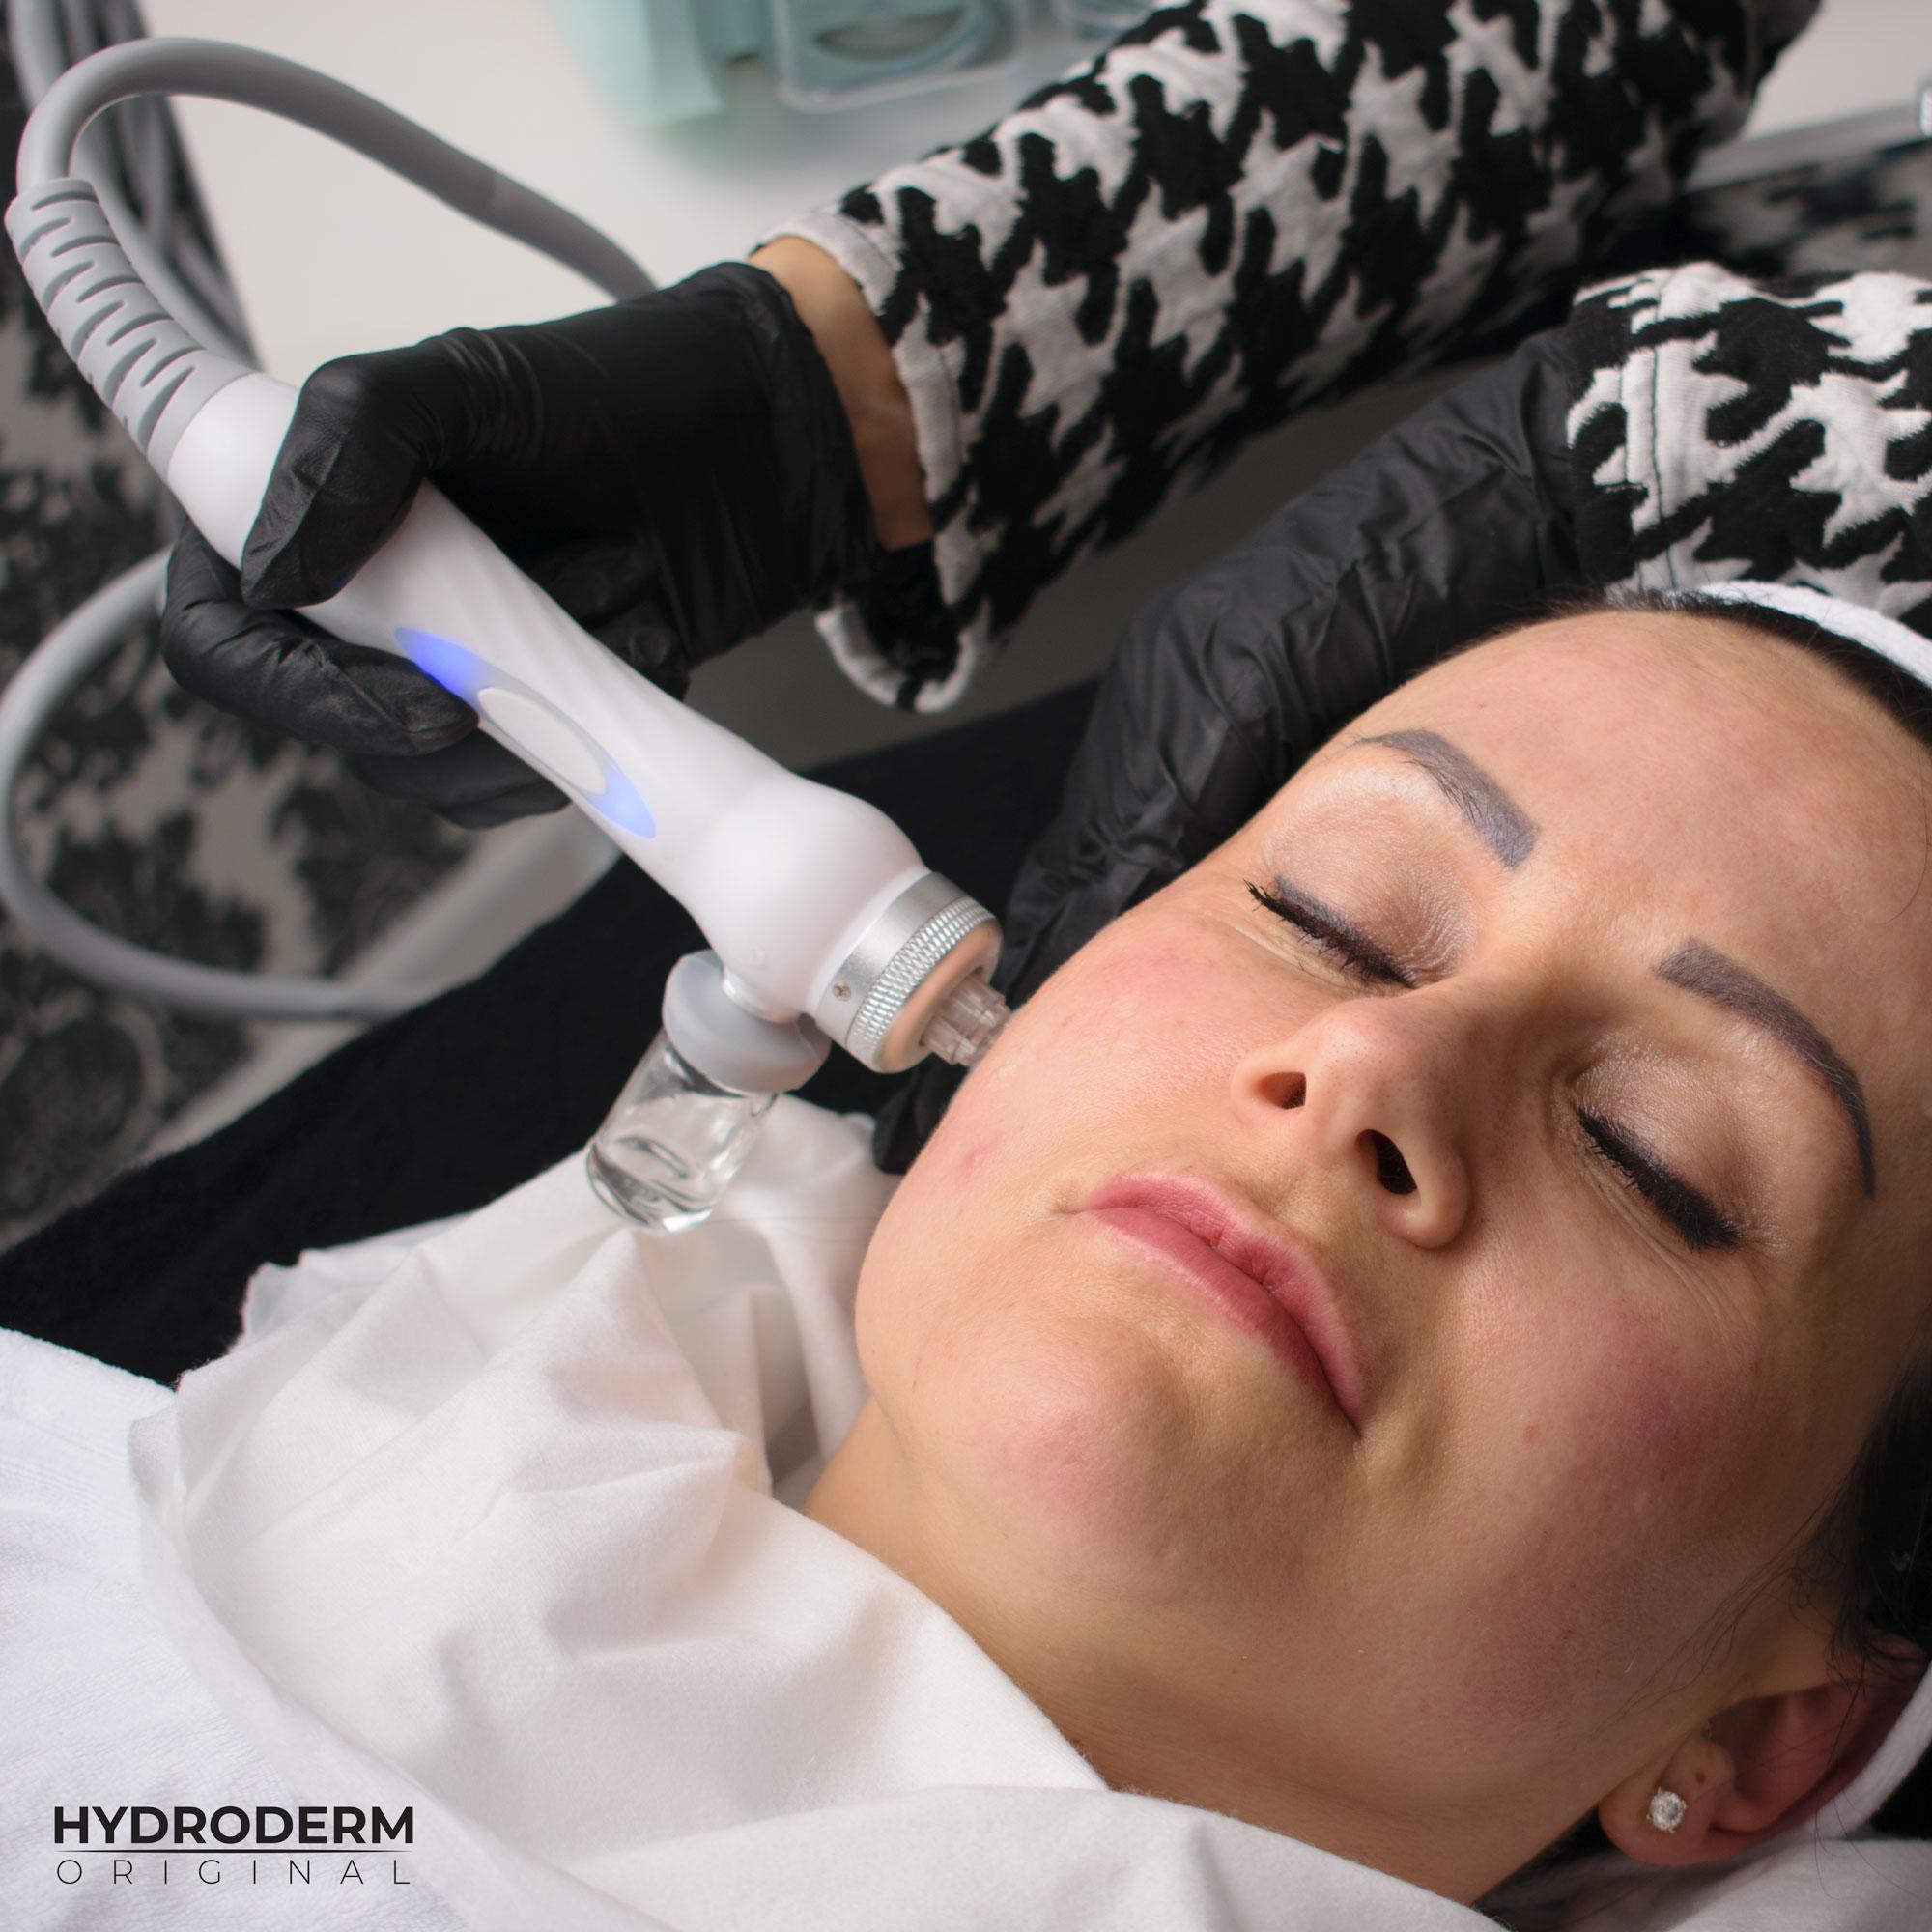 Czy zabieg infuzji tlenowej urządzeniem Hydroderm także jest szczegółowo wytłumaczony?